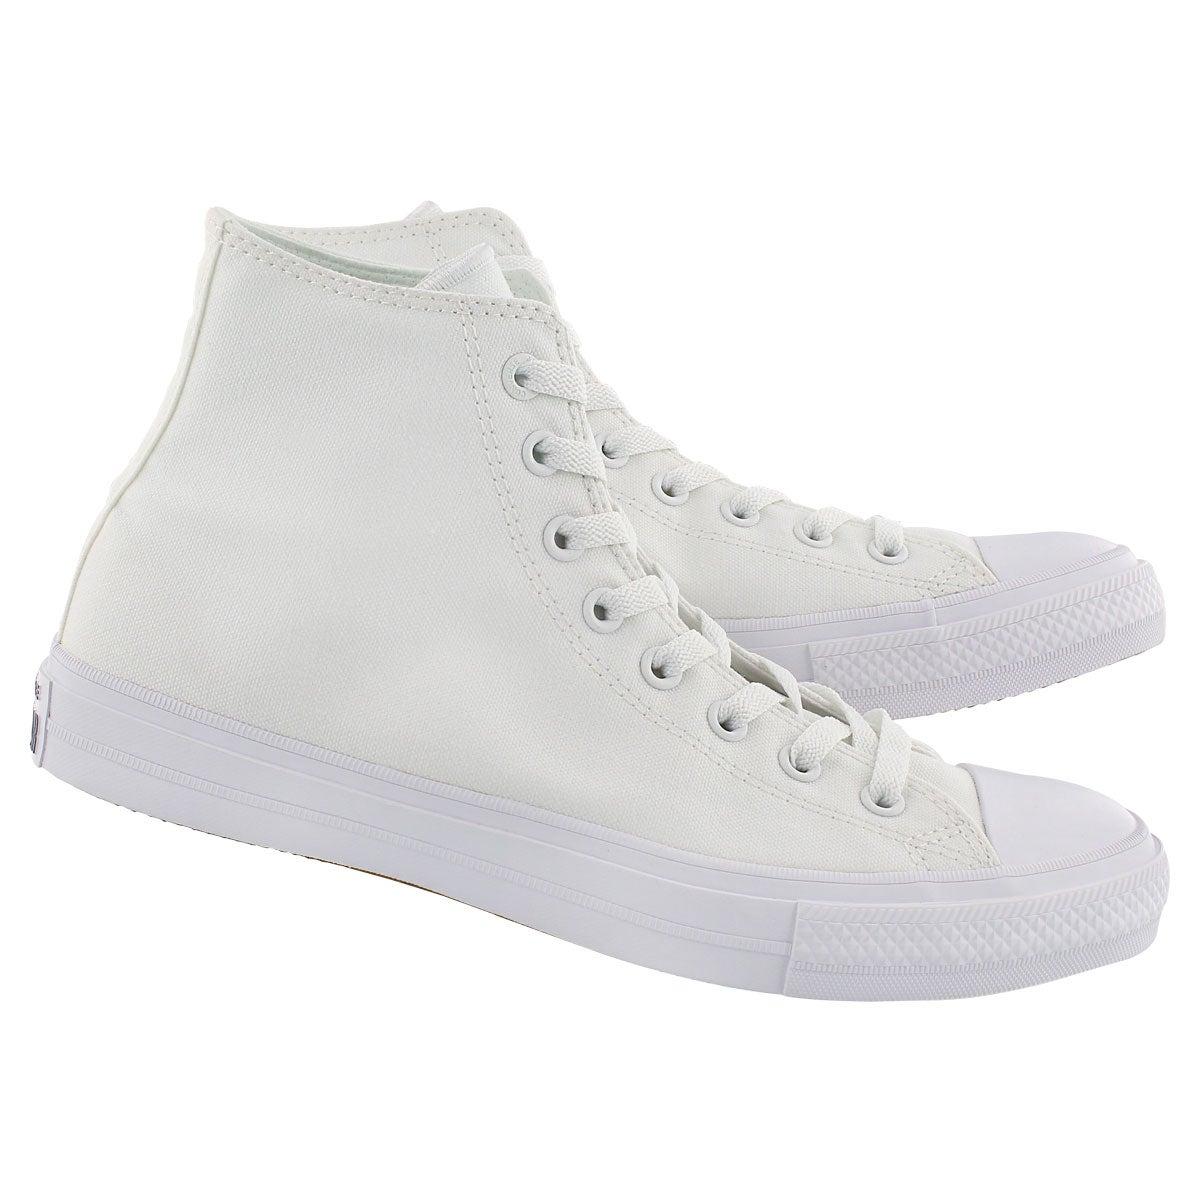 Mns Chuck II Viz Flow white hi top